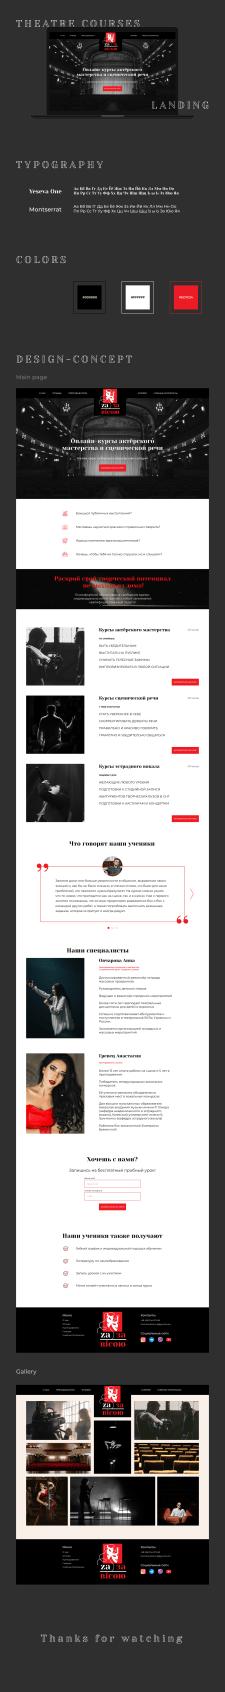 Landing page курсов актерского мастерства и вокала